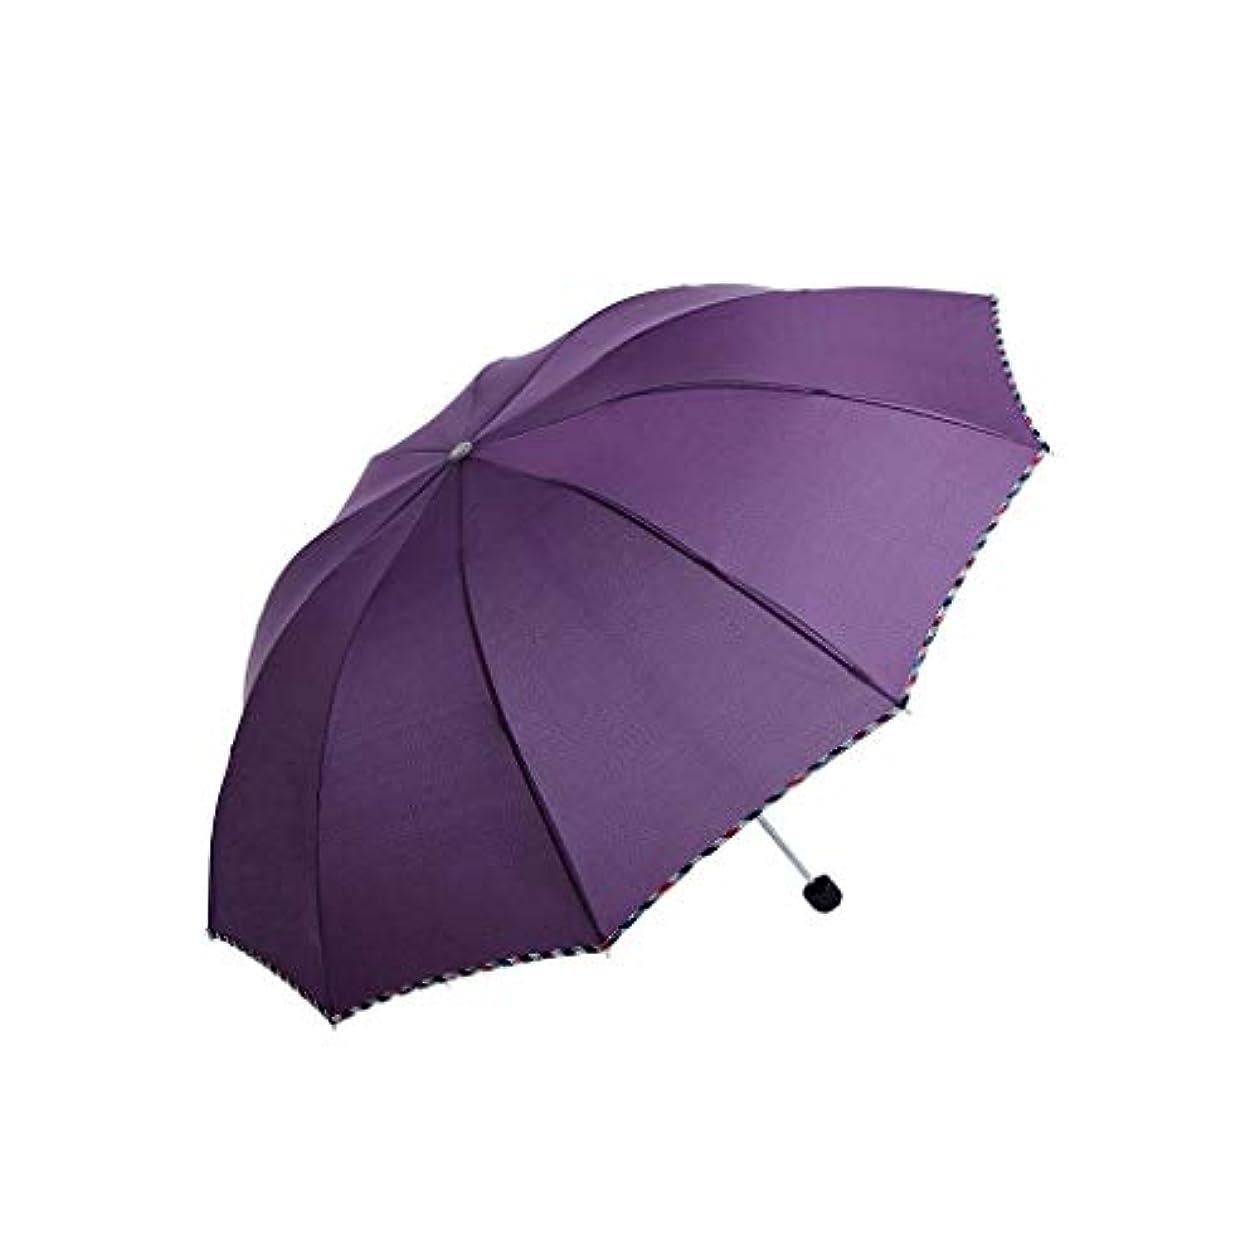 フィラデルフィア繁栄するあなたのもの日傘男性と女性傘傘UV傘家庭用傘折りたたみ屋外特別小便利な日よけ日よけ日よけ雨傘(茶色) (色 : 紫の)